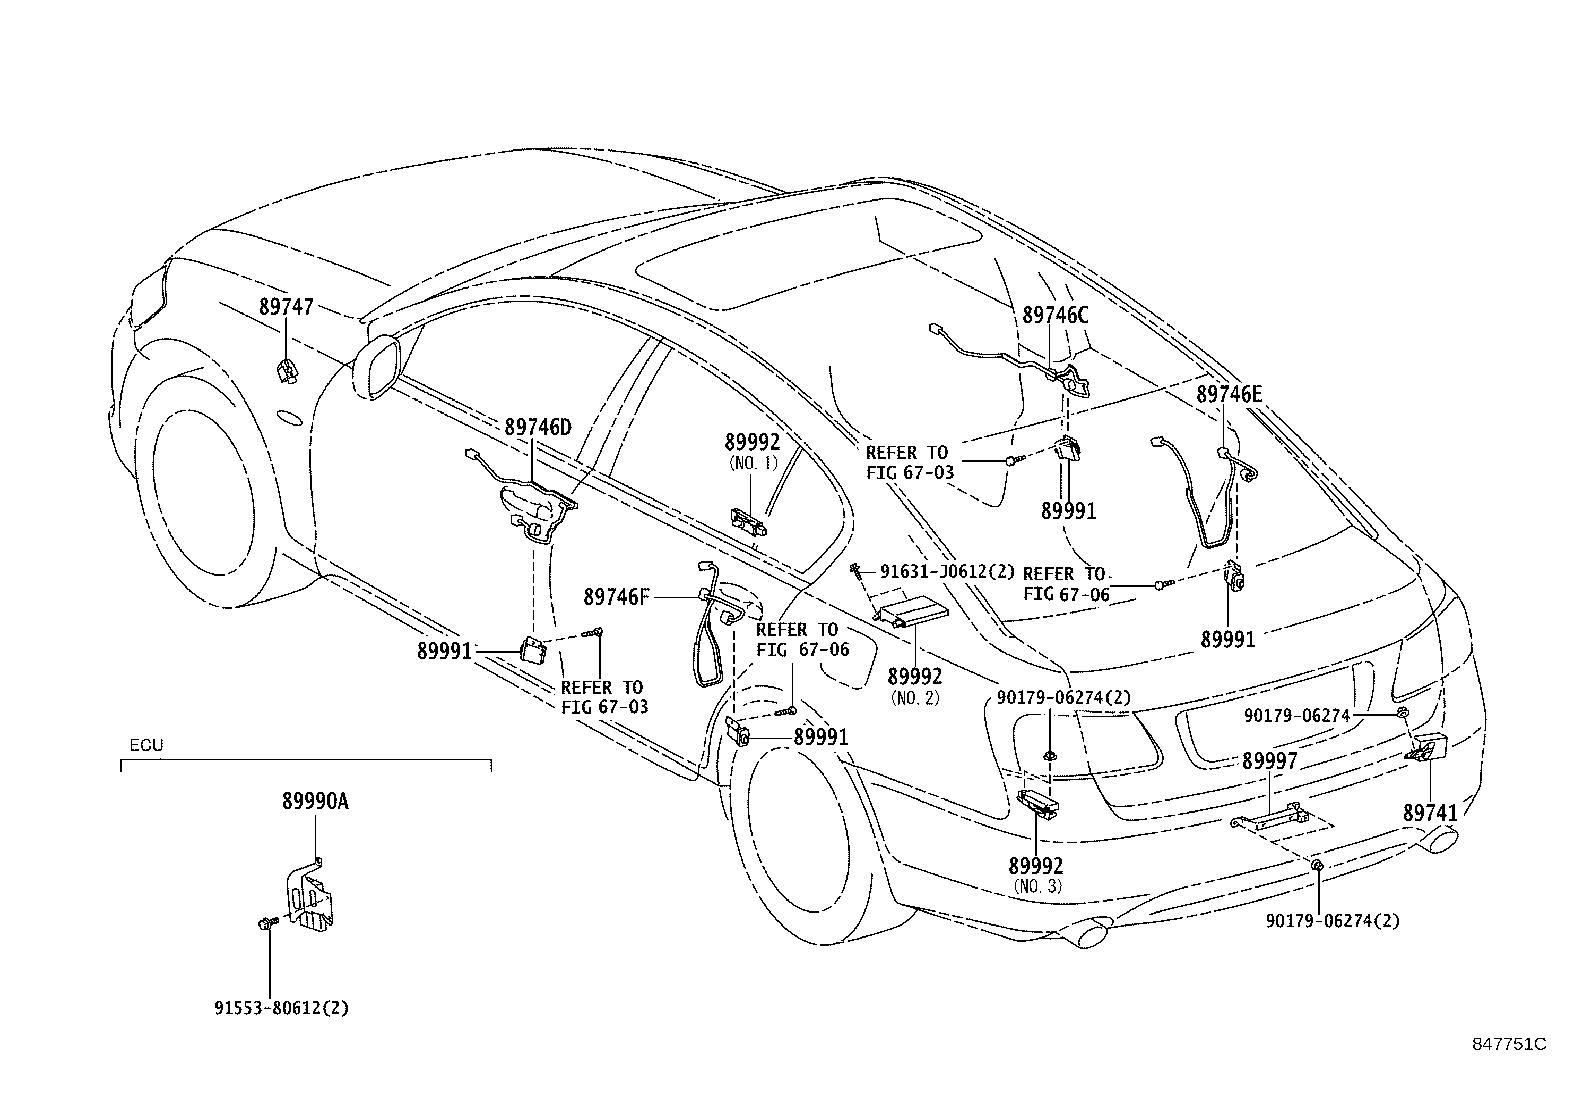 Diagram Lexus Gs 450h Wiring Diagram Full Version